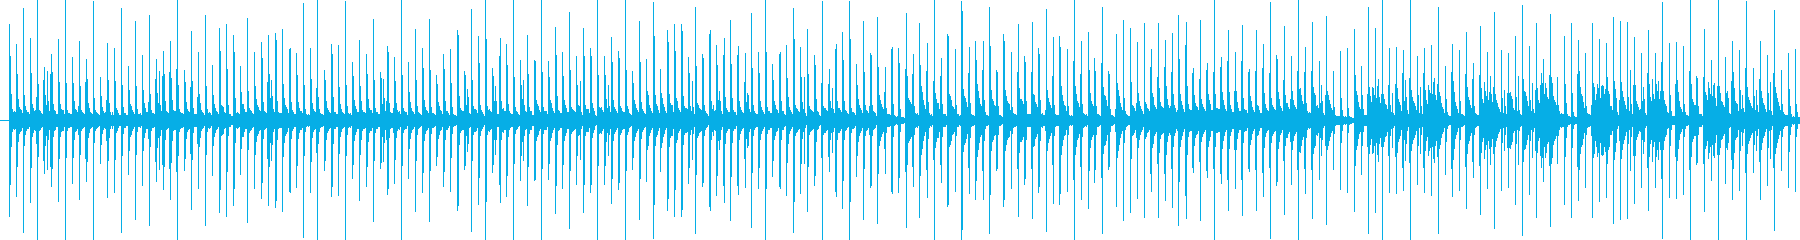 打楽器をメインにした、わくわくした弾む…の再生済みの波形